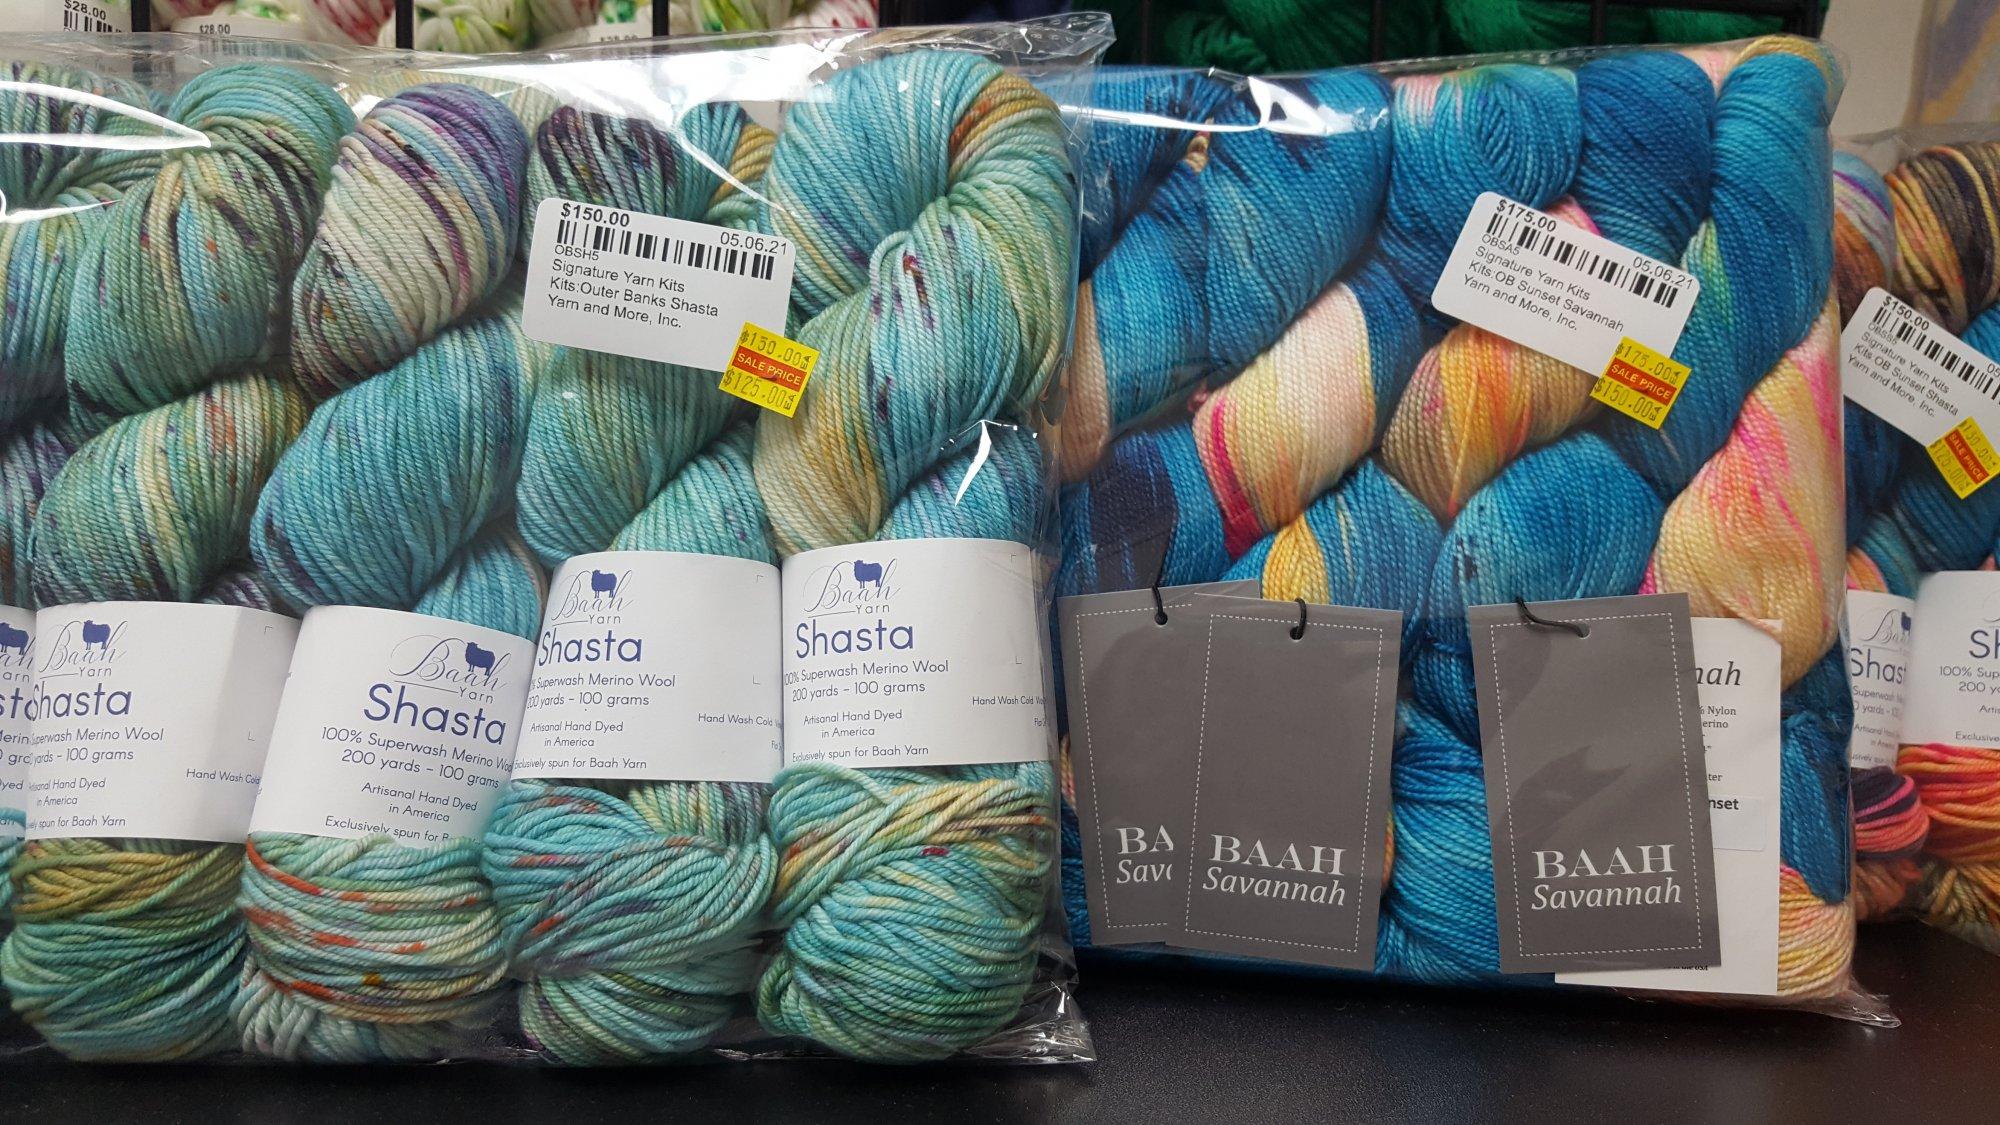 Signature Yarn Kits